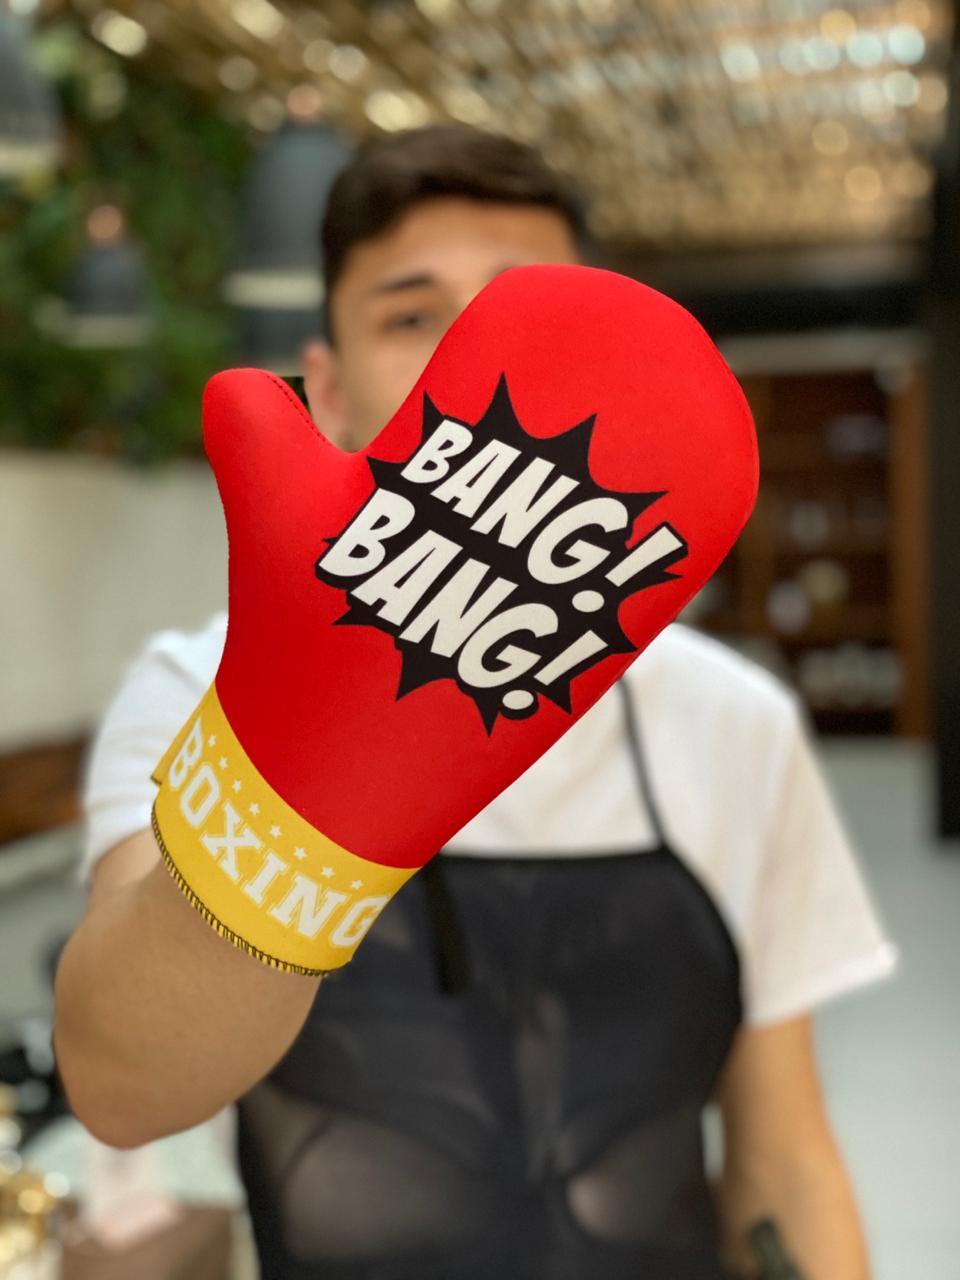 Luva de Forno/Cozinha: Boxing (Bang! Bang!)